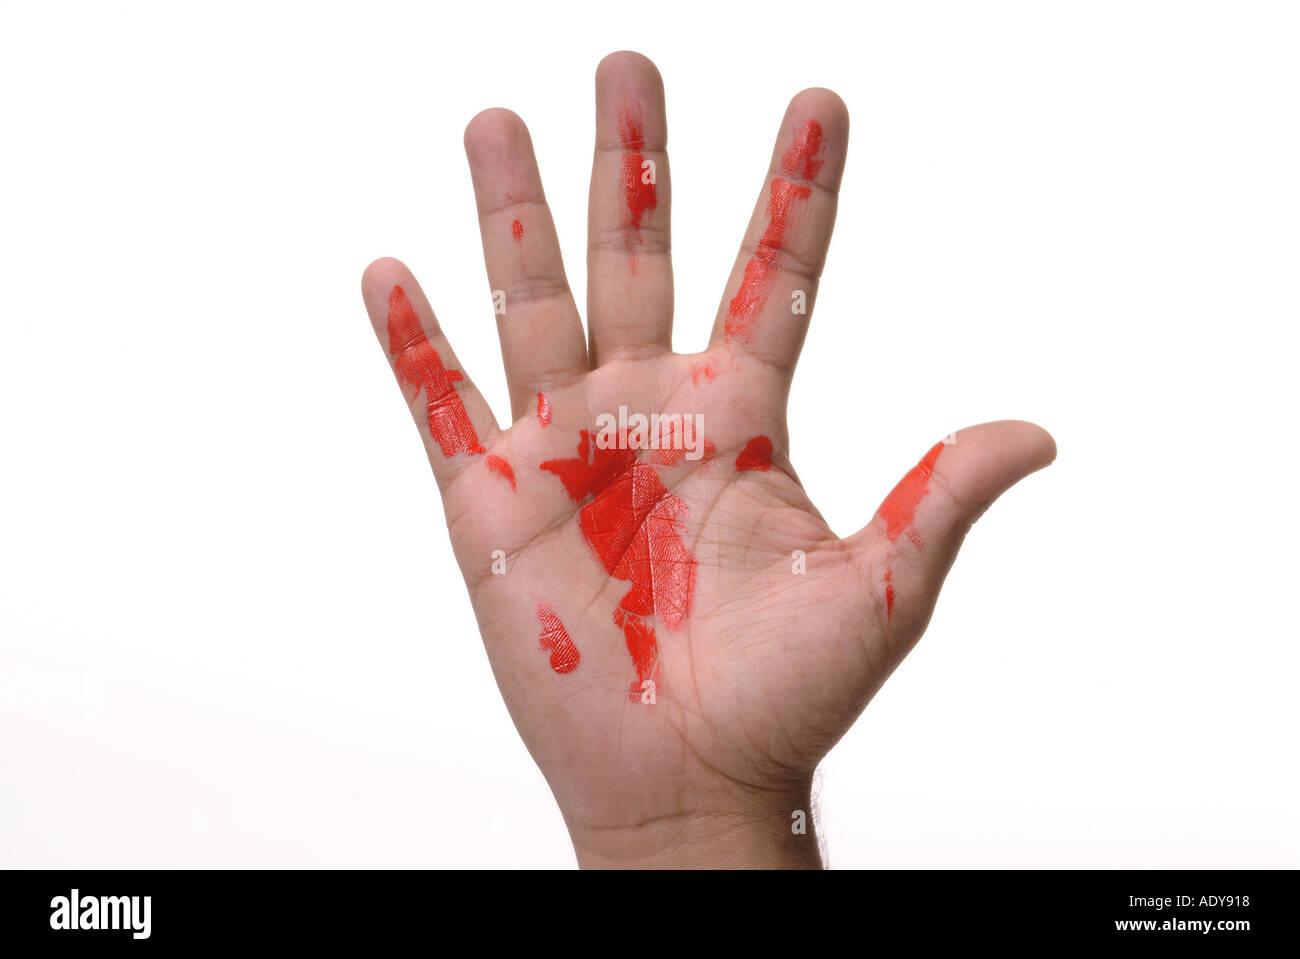 Heading your fist and open hand next door